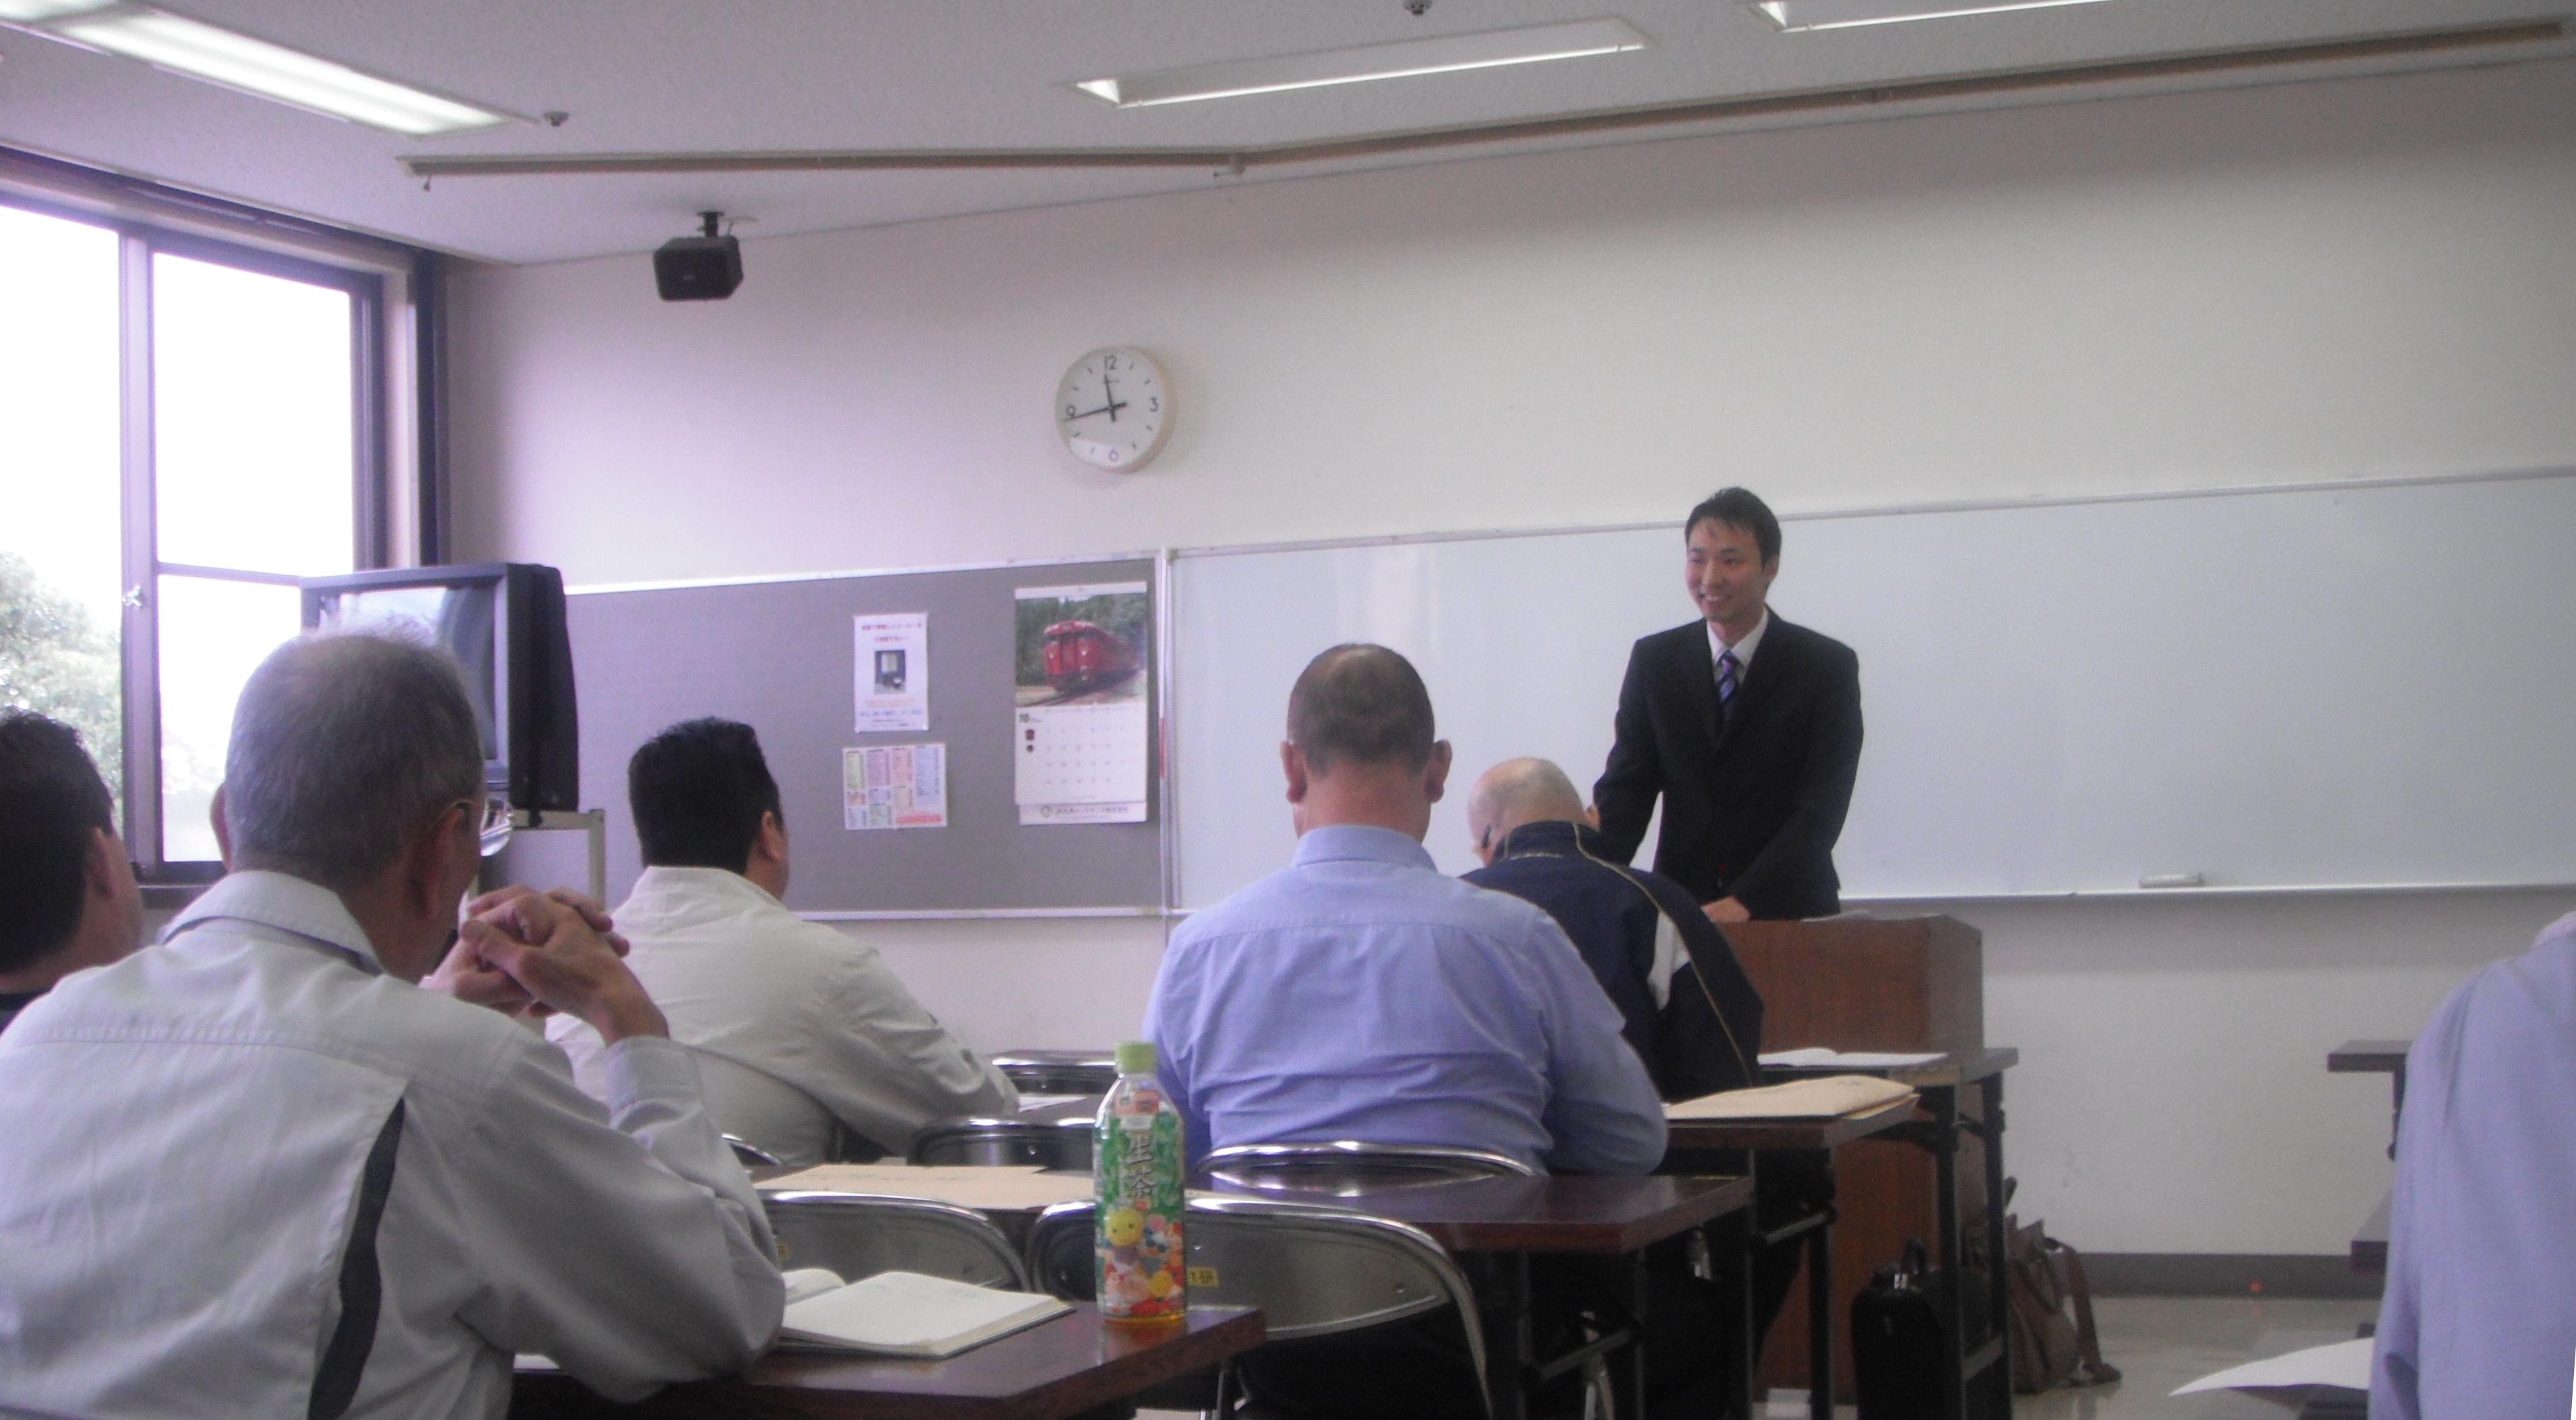 某新聞社主催のマイナンバー研修会講師をさせていただきました。